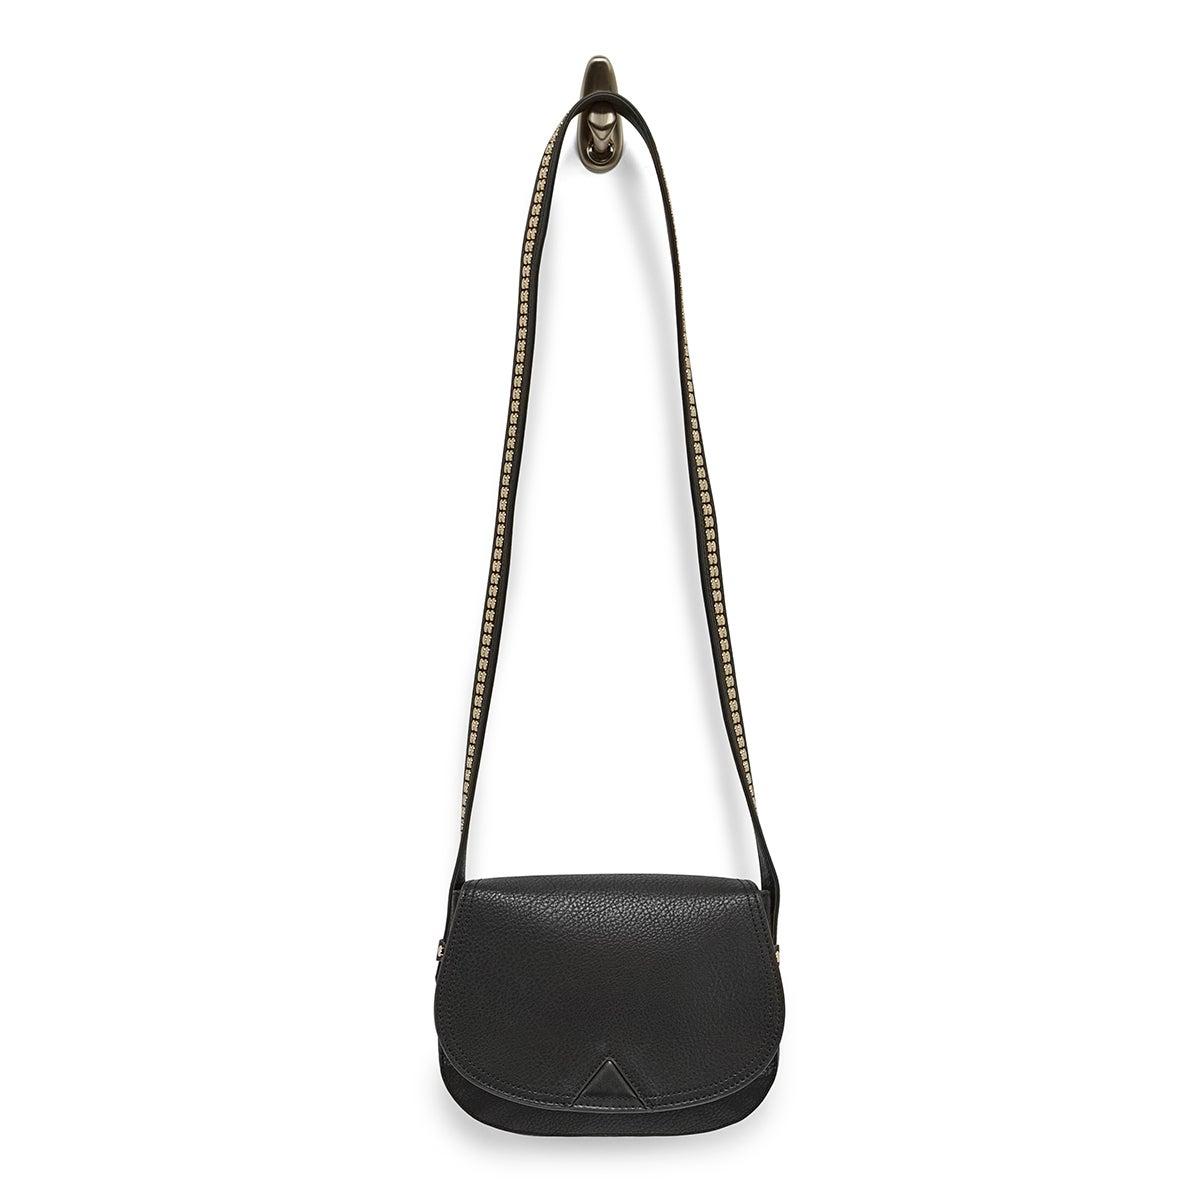 Lds BPotter black cross body bag